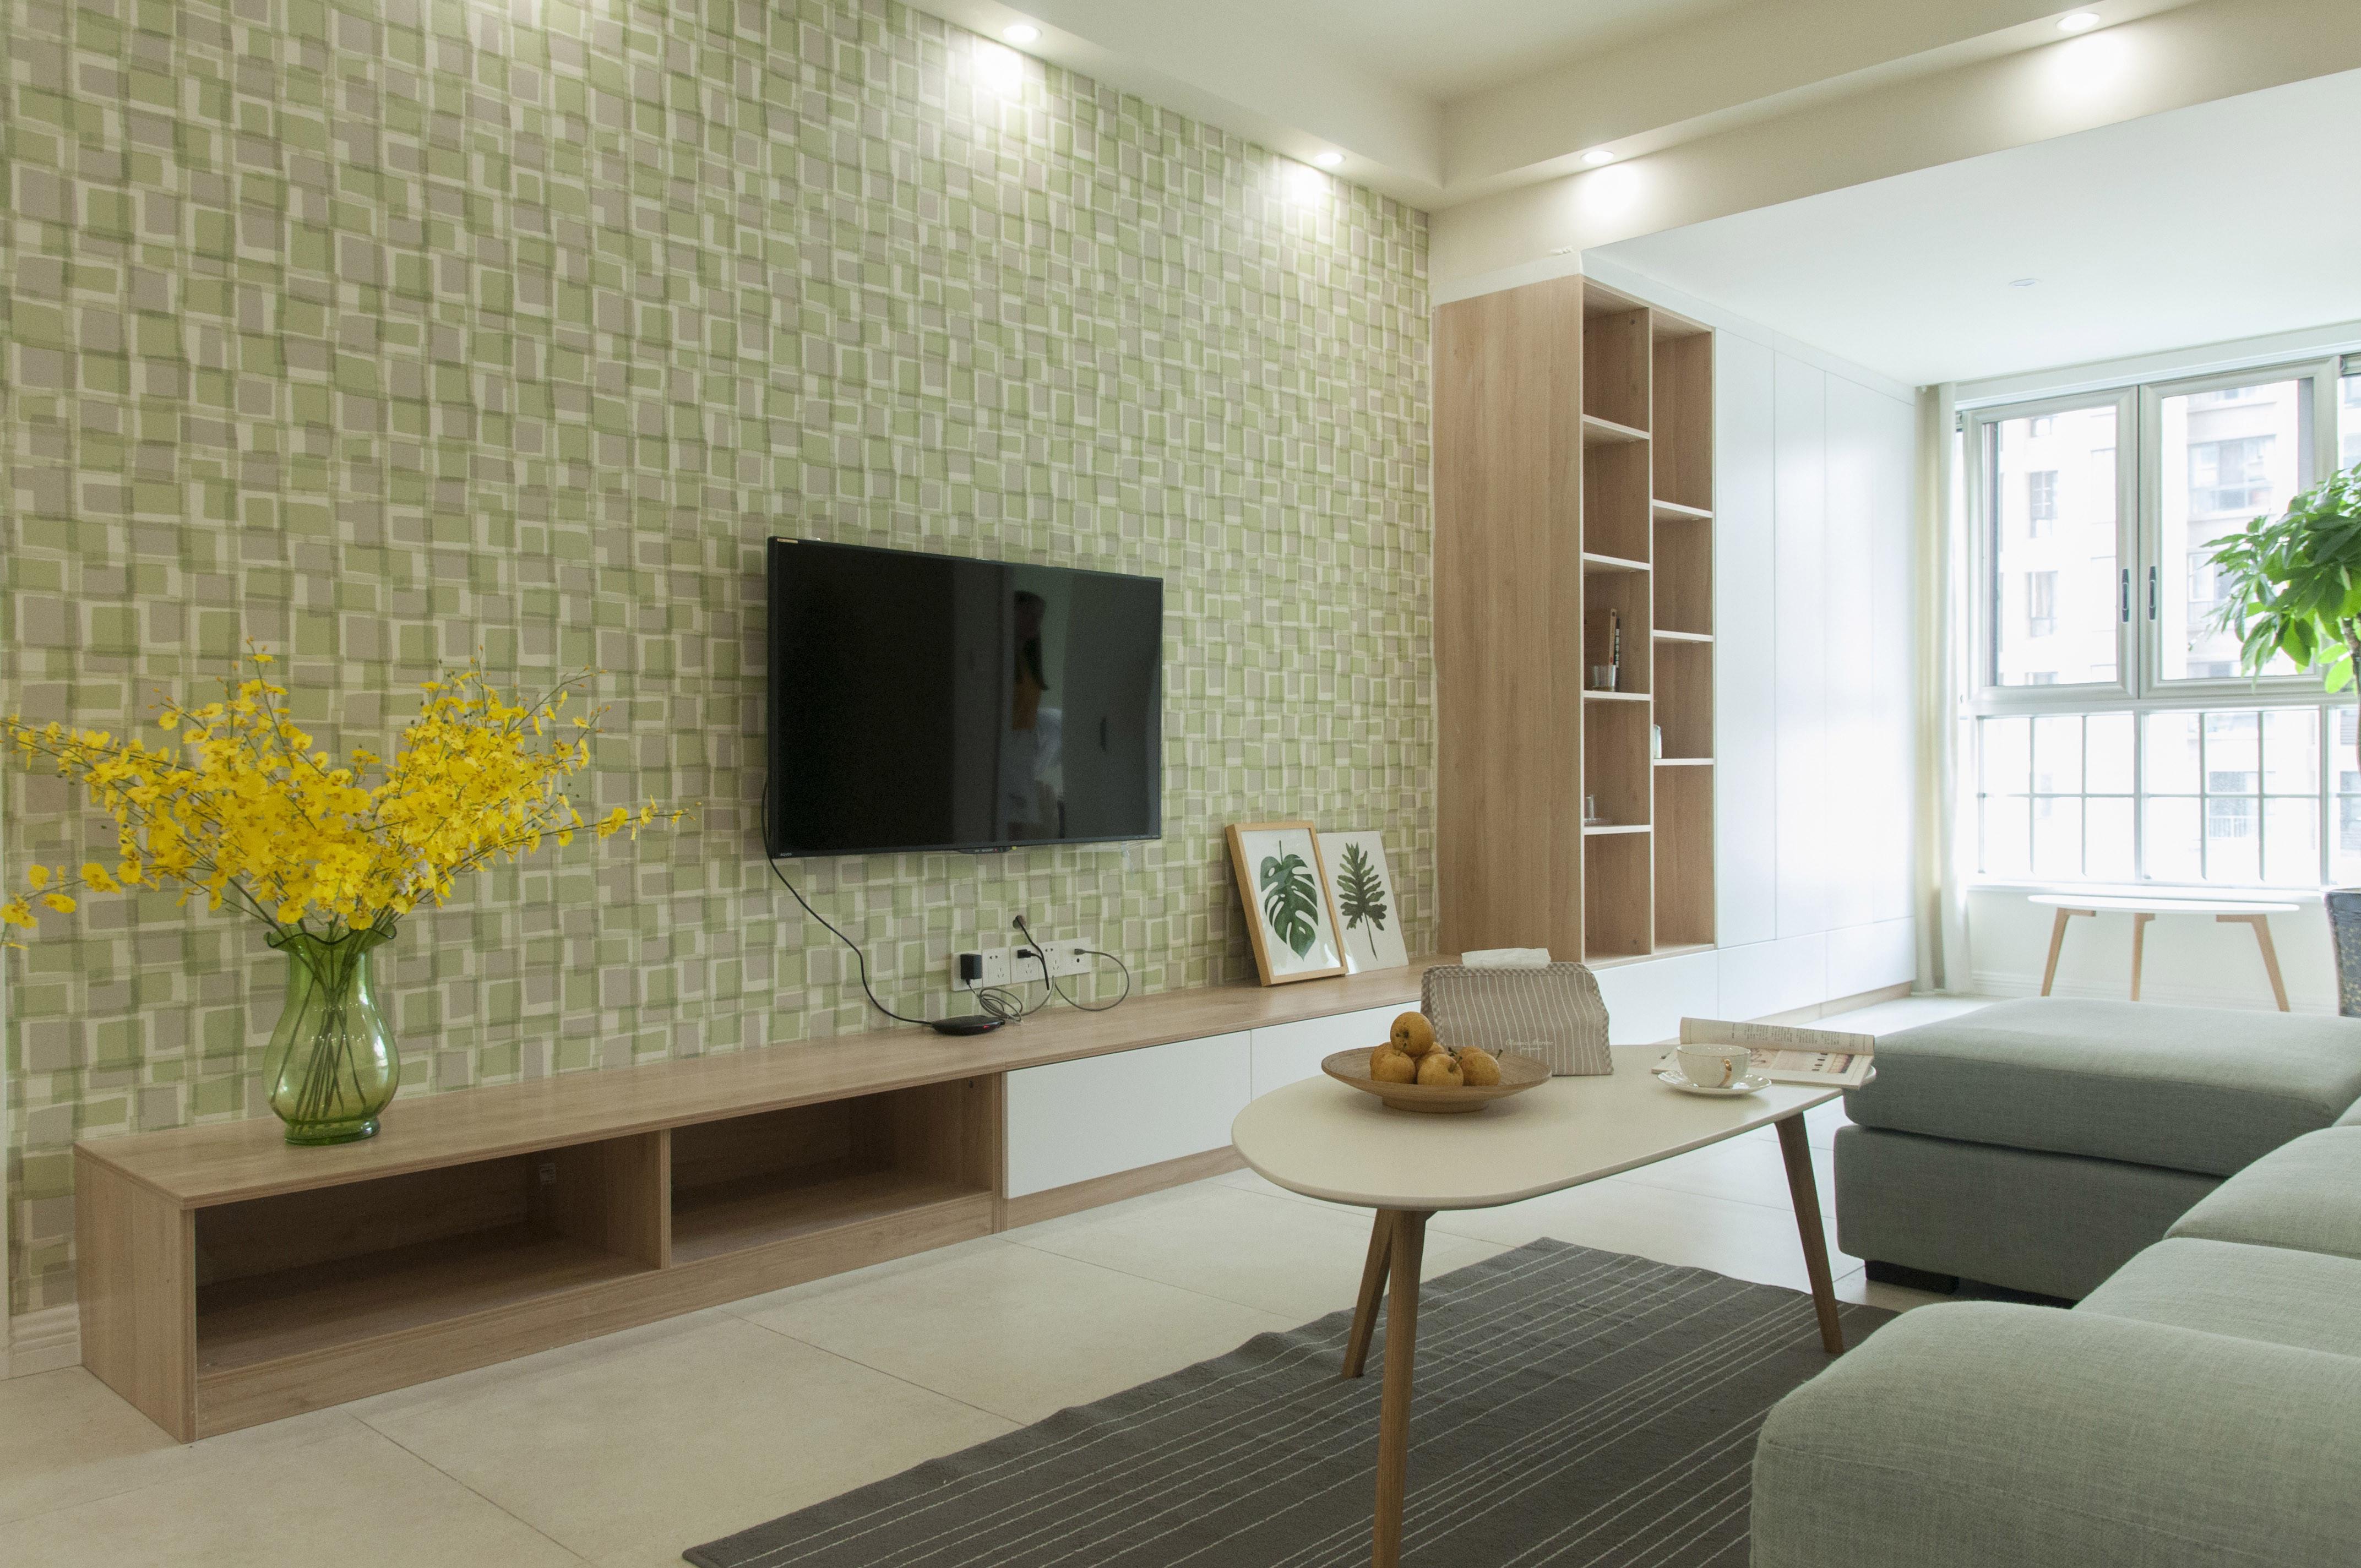 三居室北欧风格家电视背景墙图片